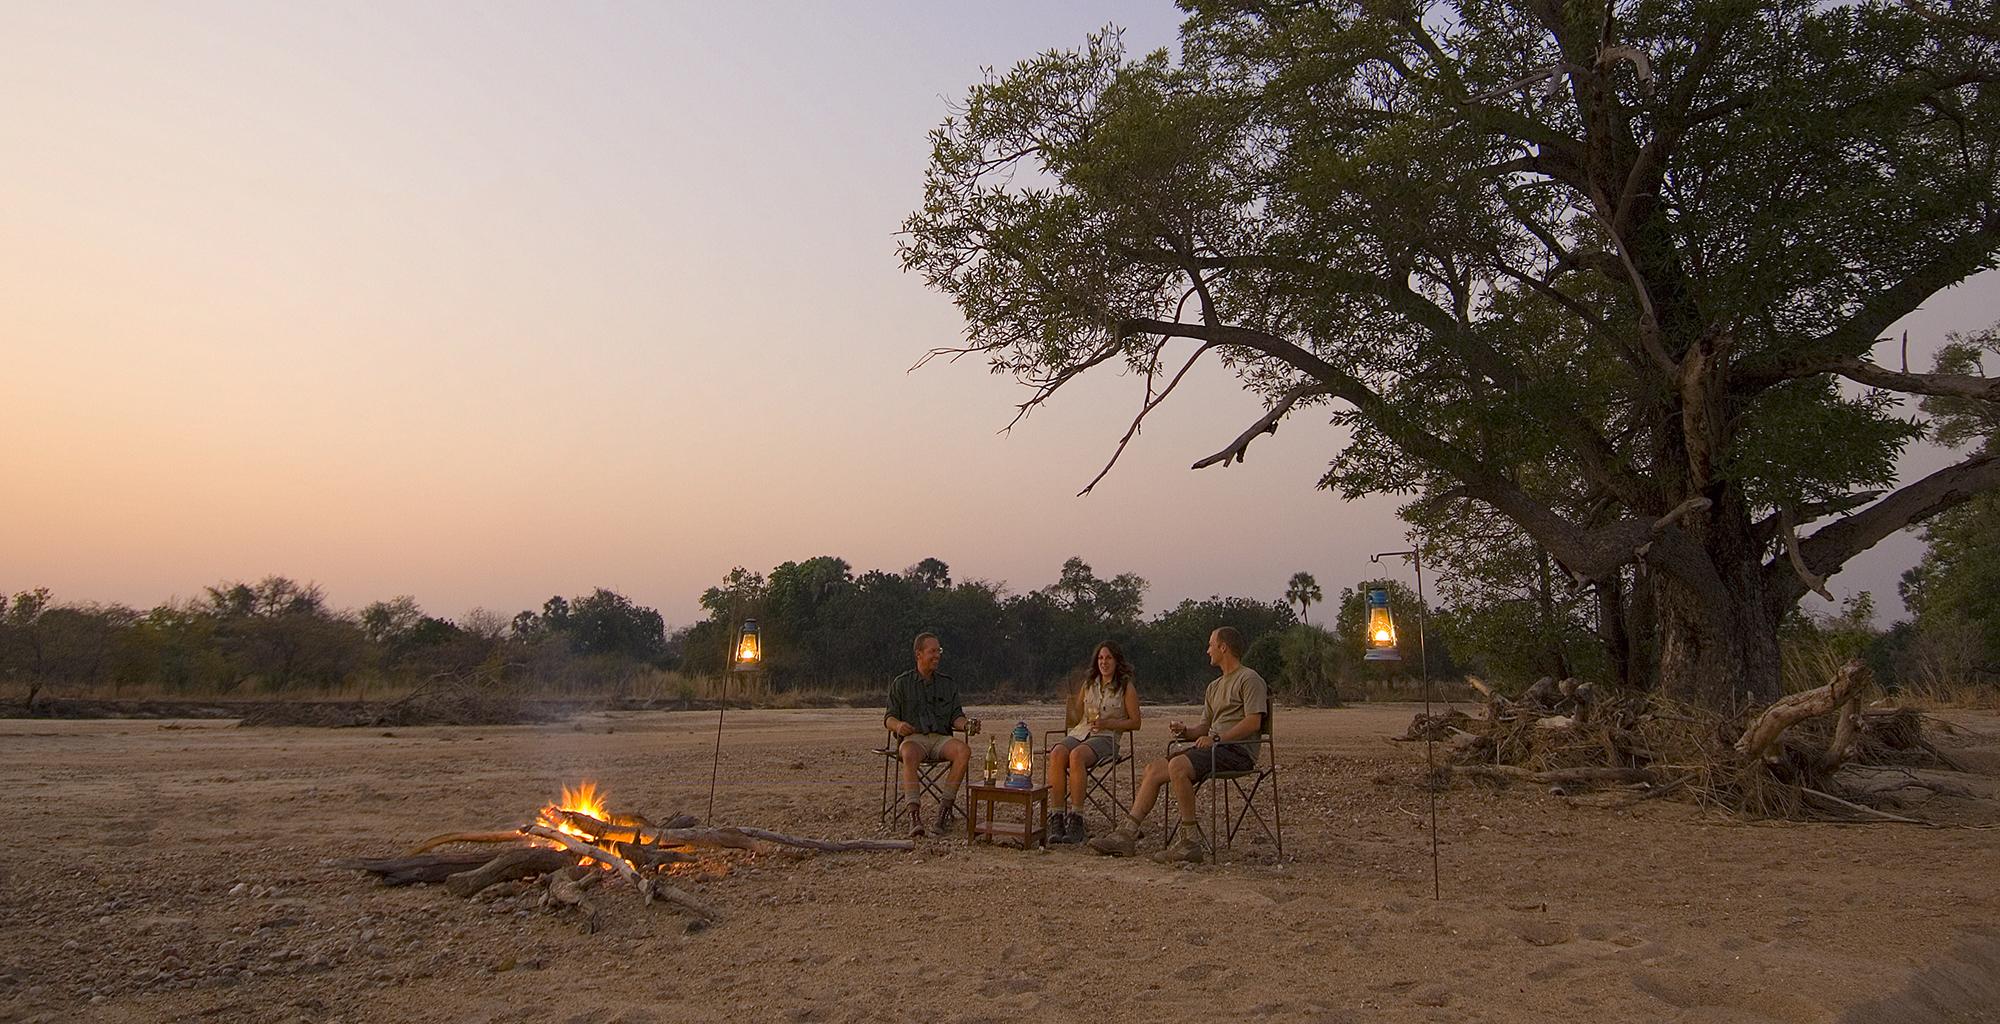 Zambia-Luangwa-Bush-Camp-Fire